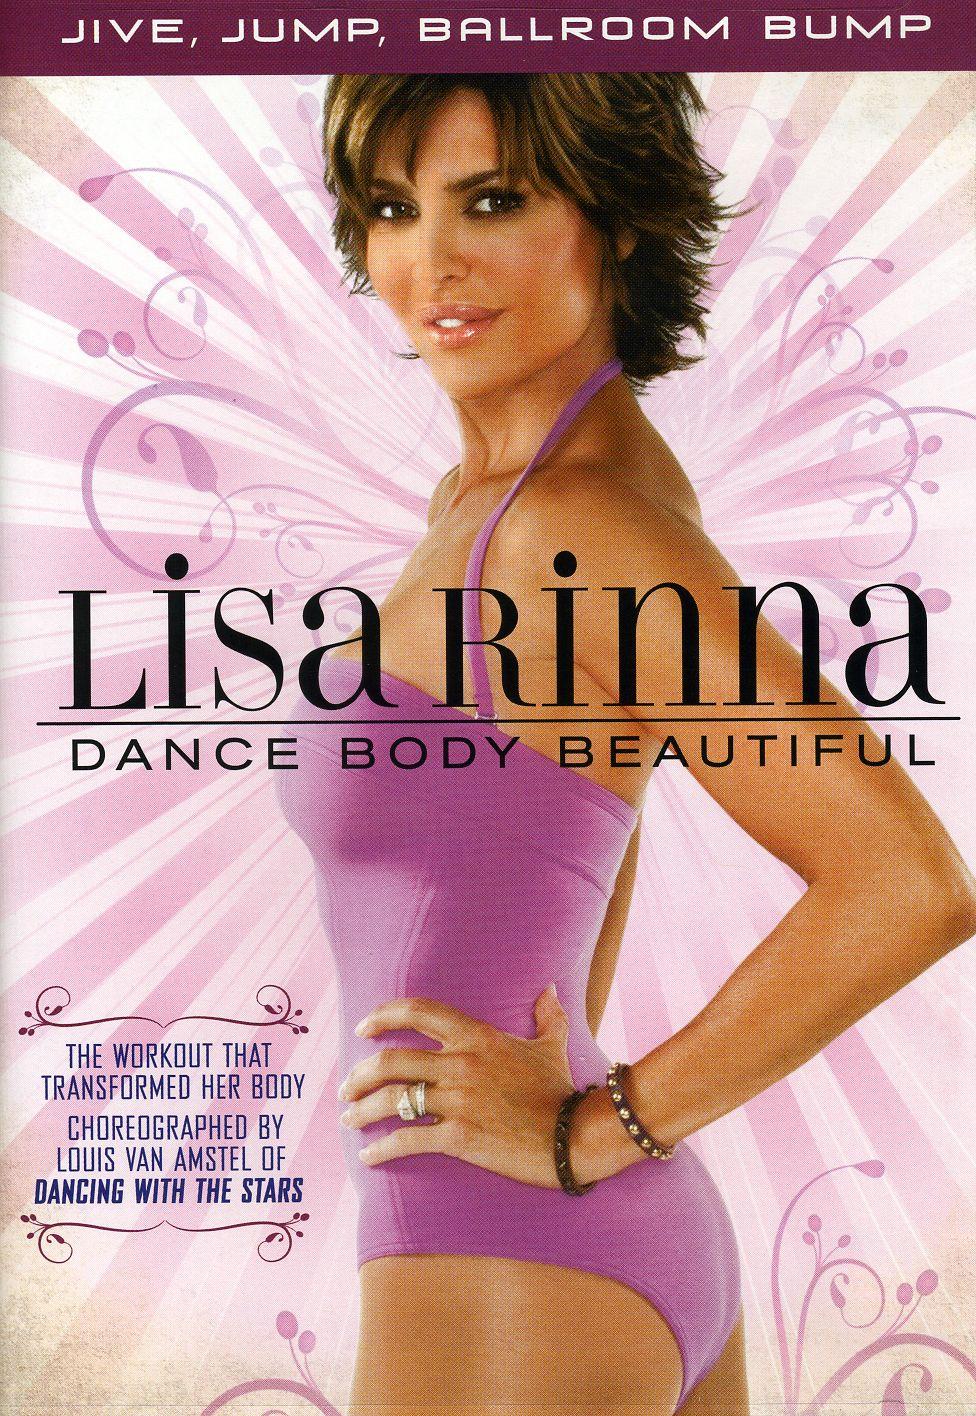 Dance Body Beautiful - Jive, Jump, Ballroom Bump (DVD)